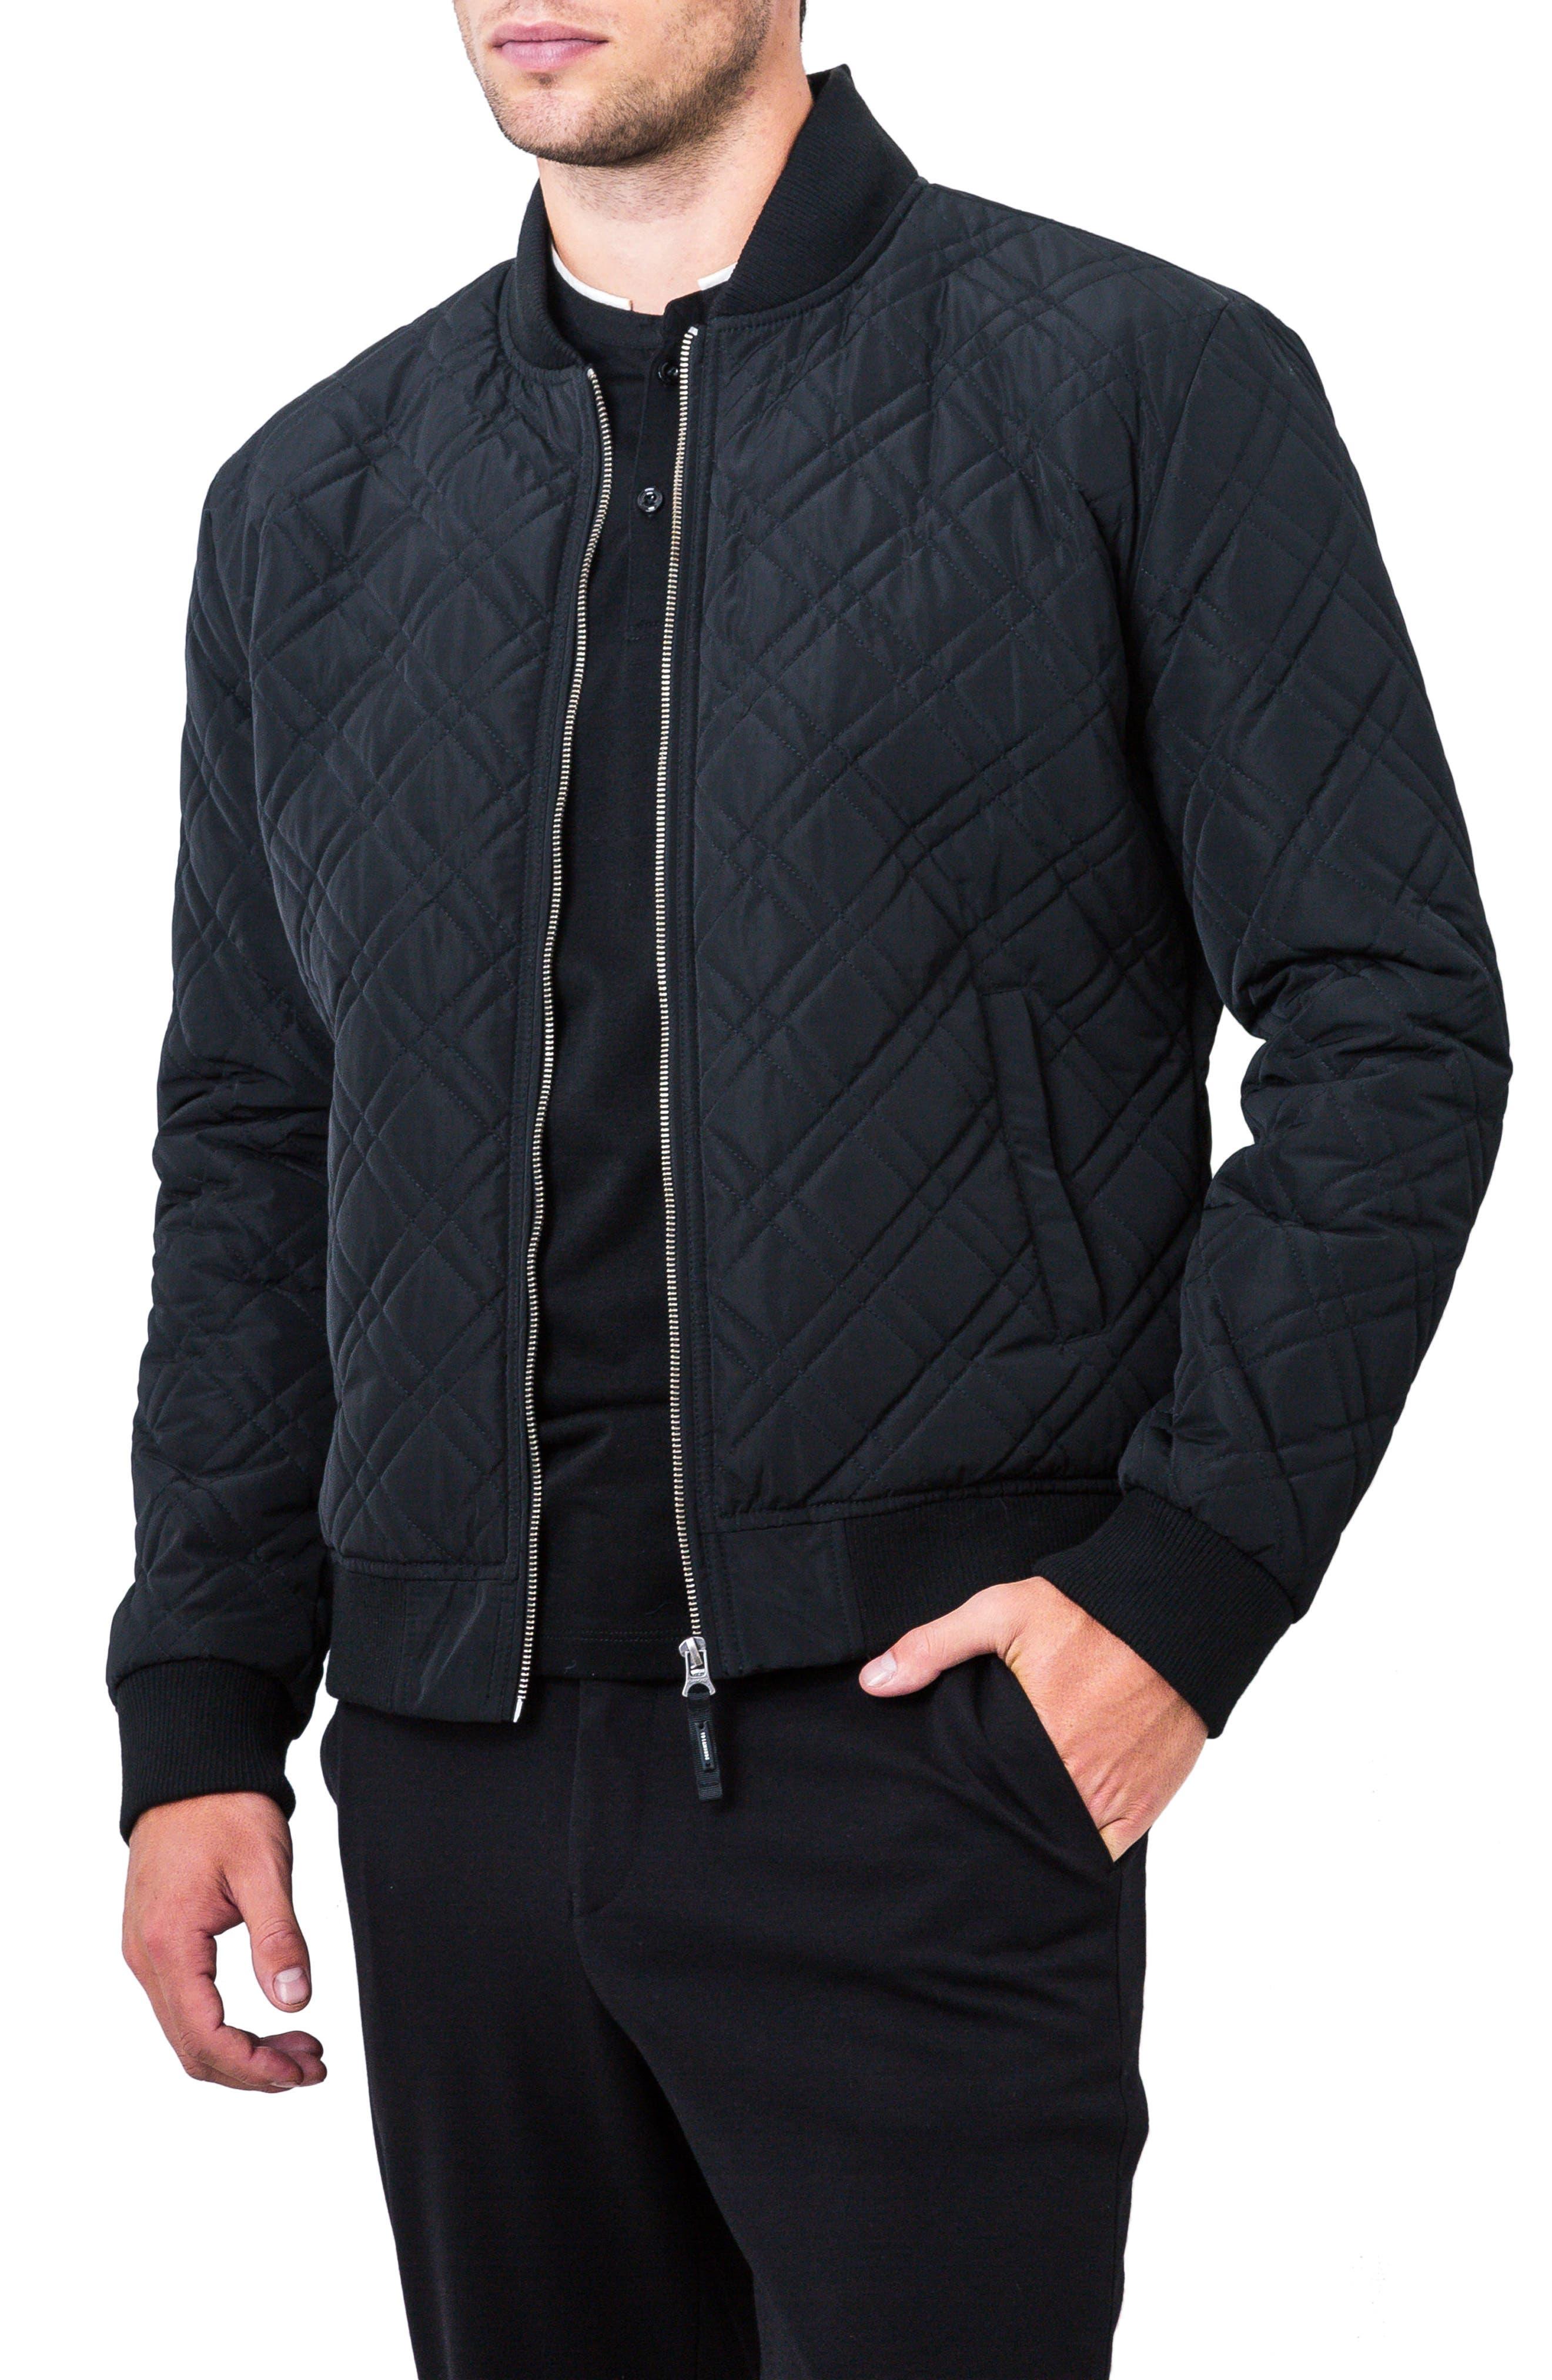 Arca Quilt Jacket,                             Alternate thumbnail 3, color,                             001